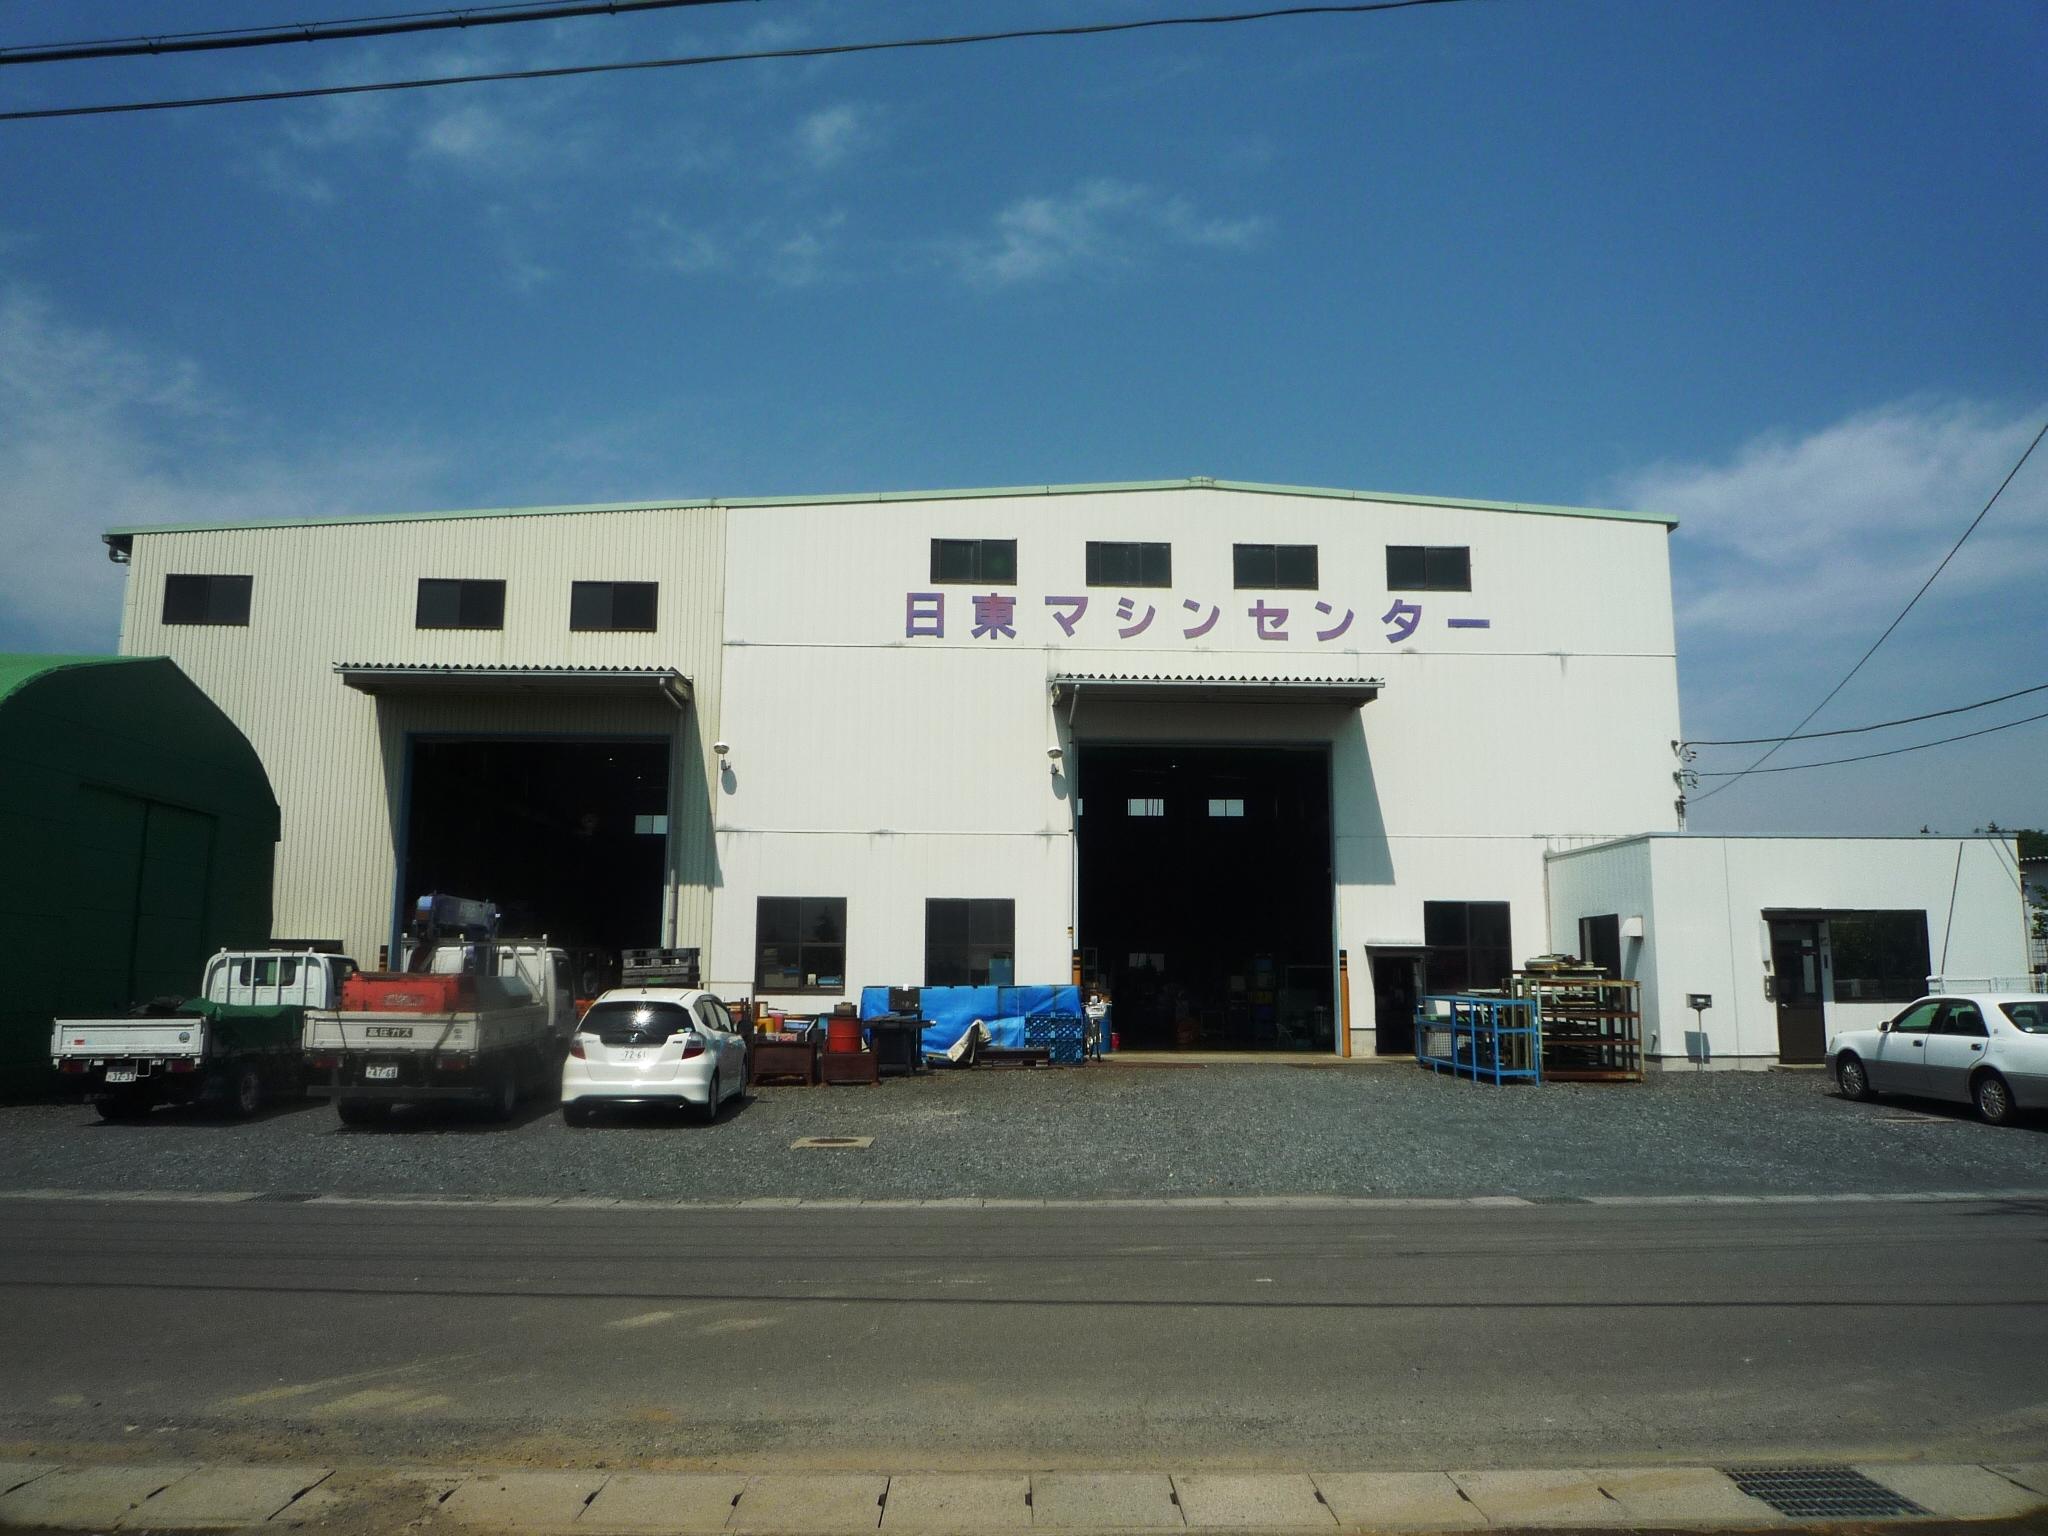 中古機械登録会社 日東鋼機有限会社 東京都 江戸川区 北小岩4-19-9